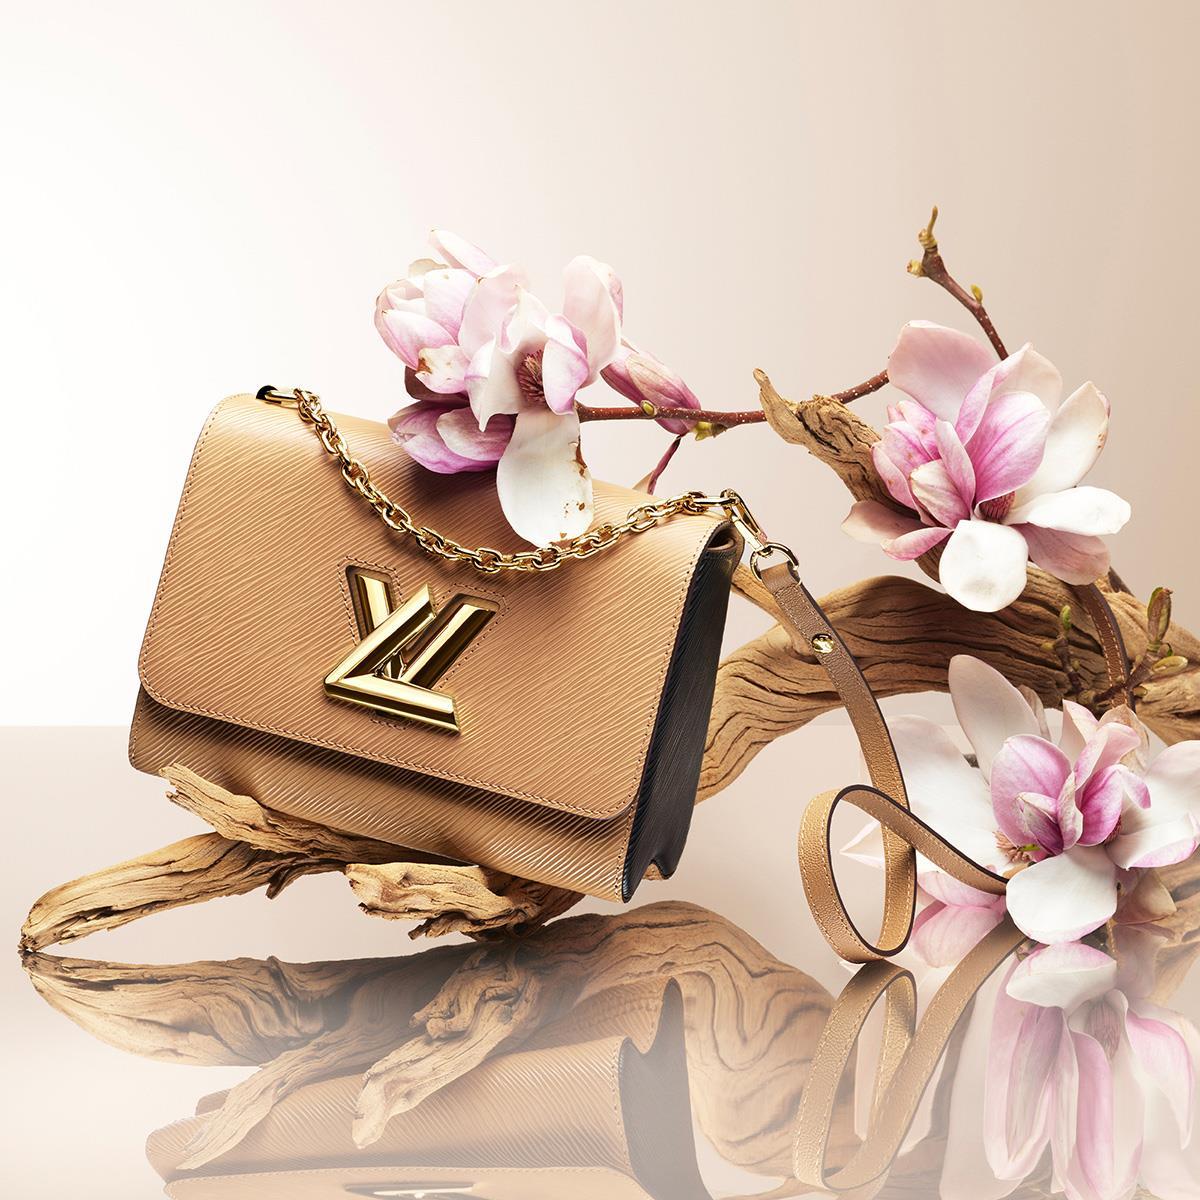 LV台灣線上購物春夏包包推薦Top 5!水桶包、肩背包、化妝箱...店上爆款直送到府-0